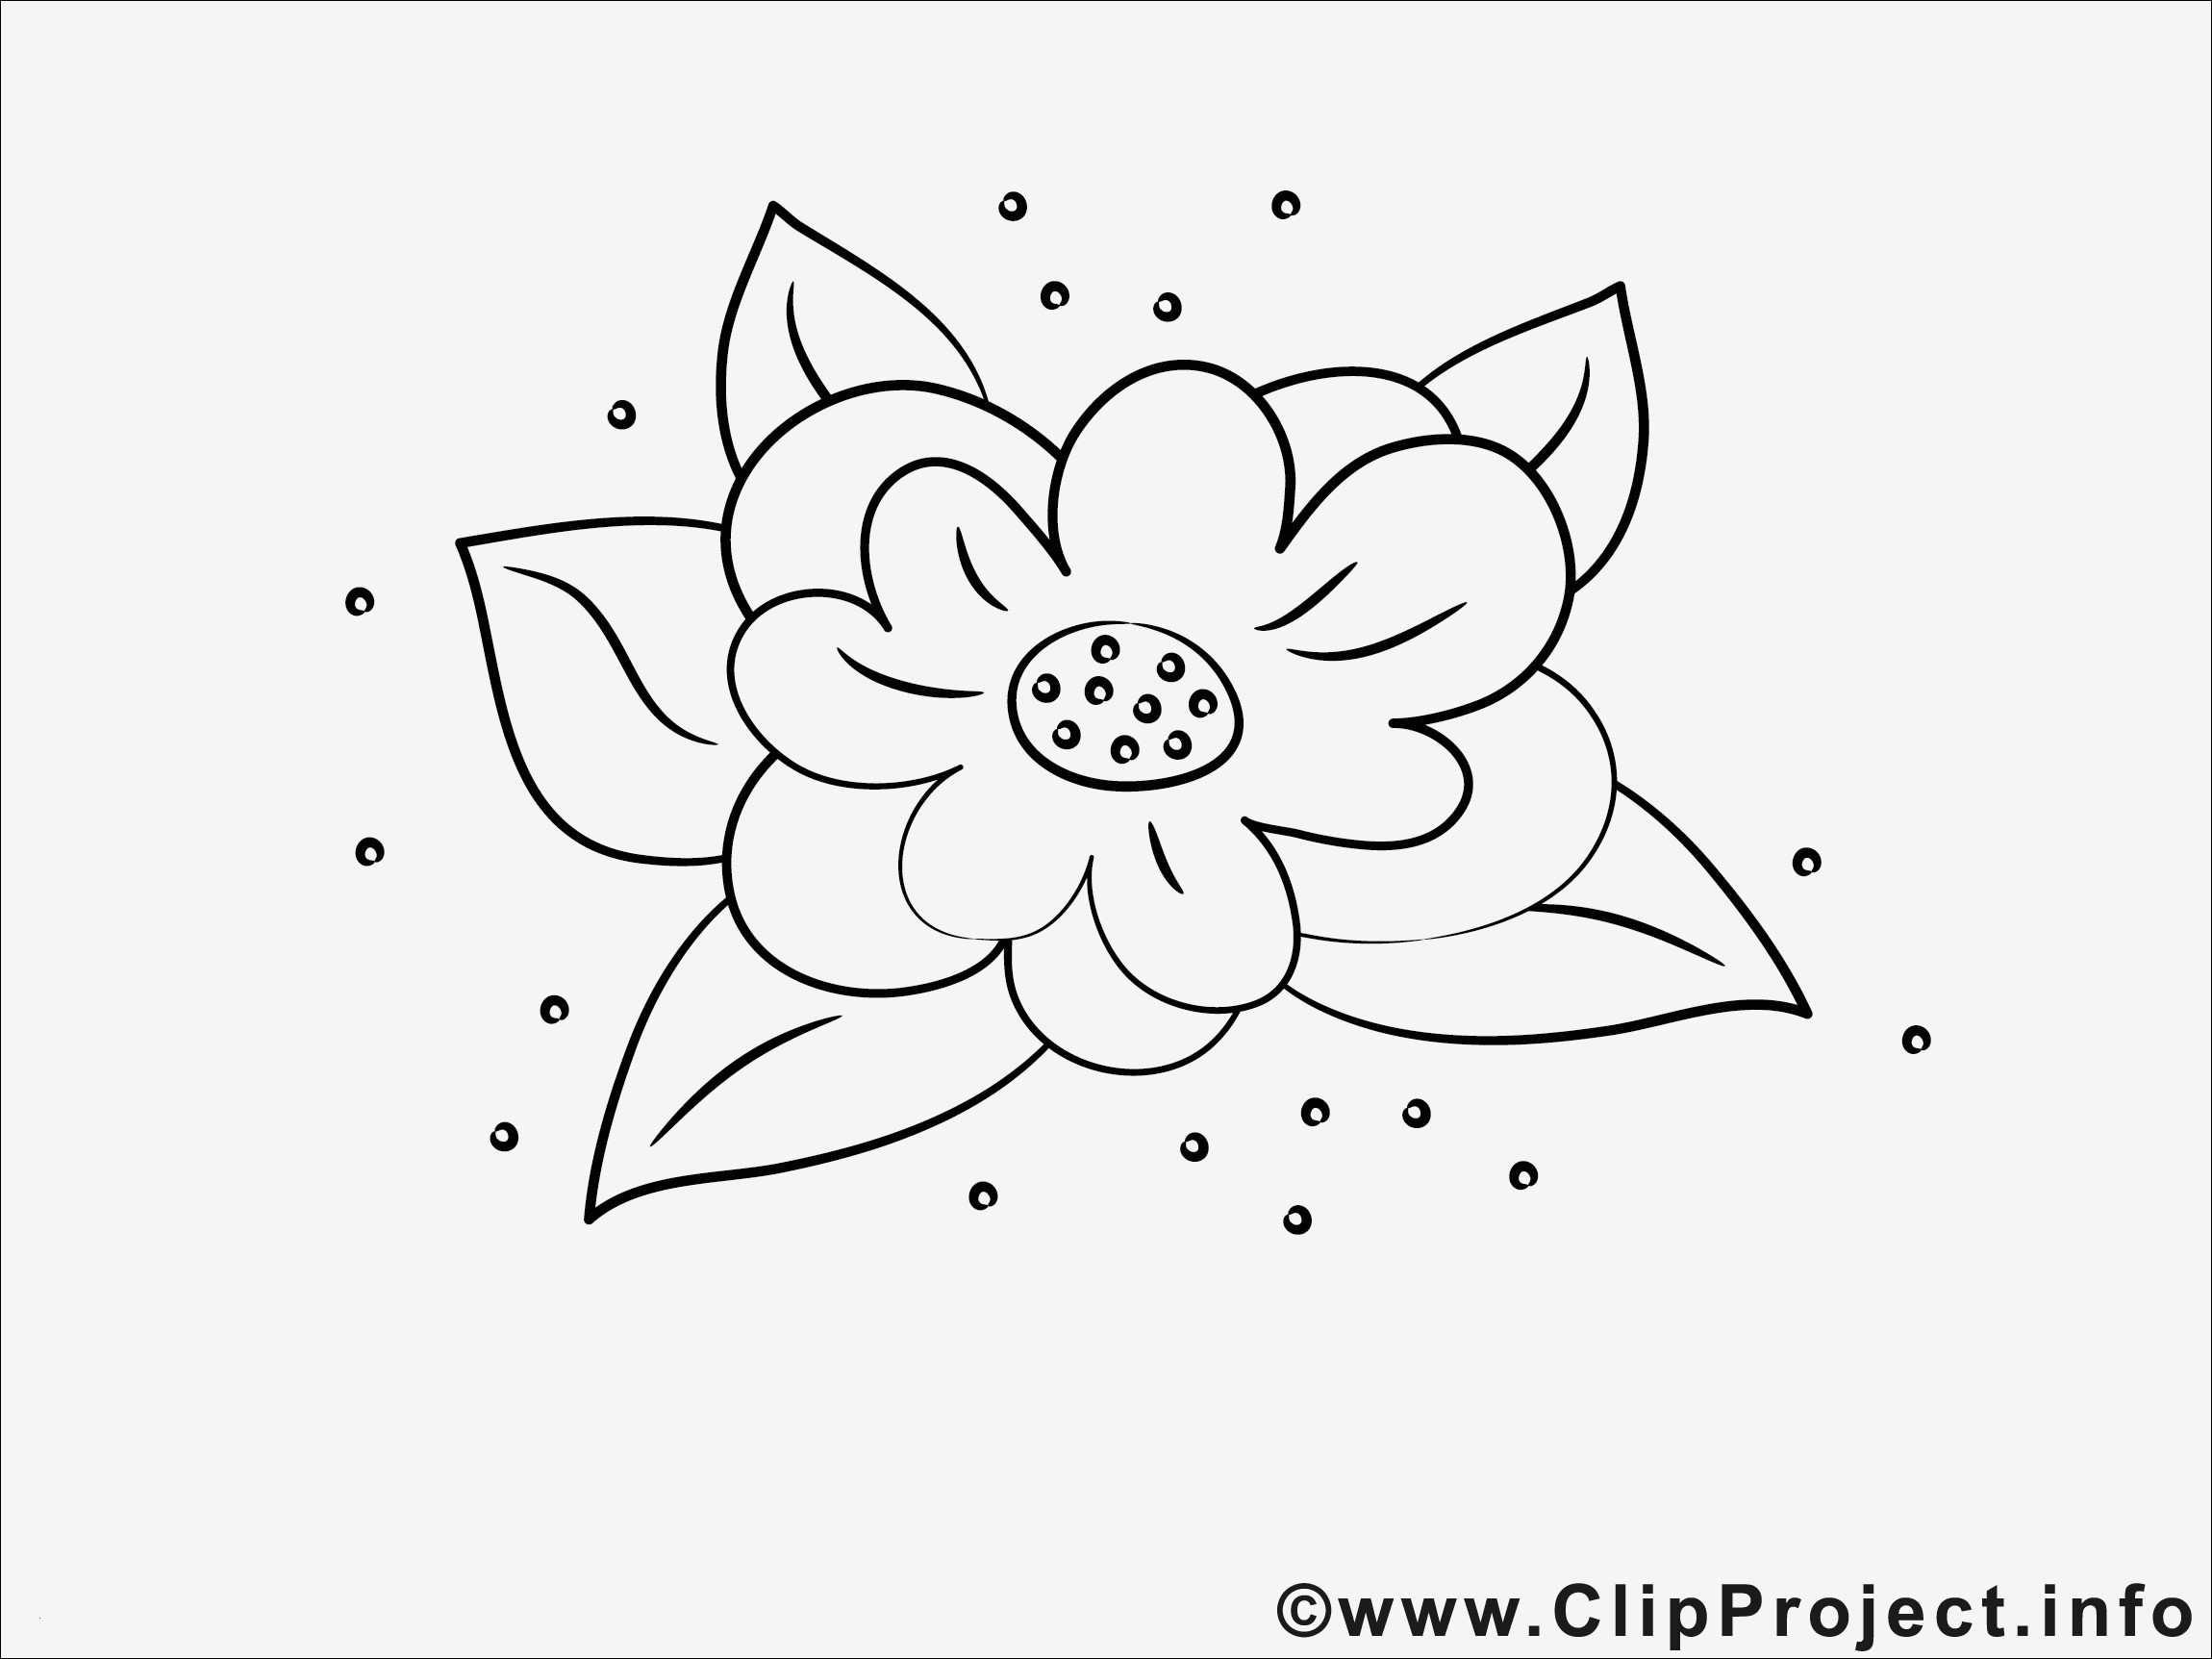 Blumenranken Zum Ausdrucken Einzigartig Bilder Zum Ausmalen Und Ausdrucken Blumen Ideen Ausmalbilder Noten Sammlung